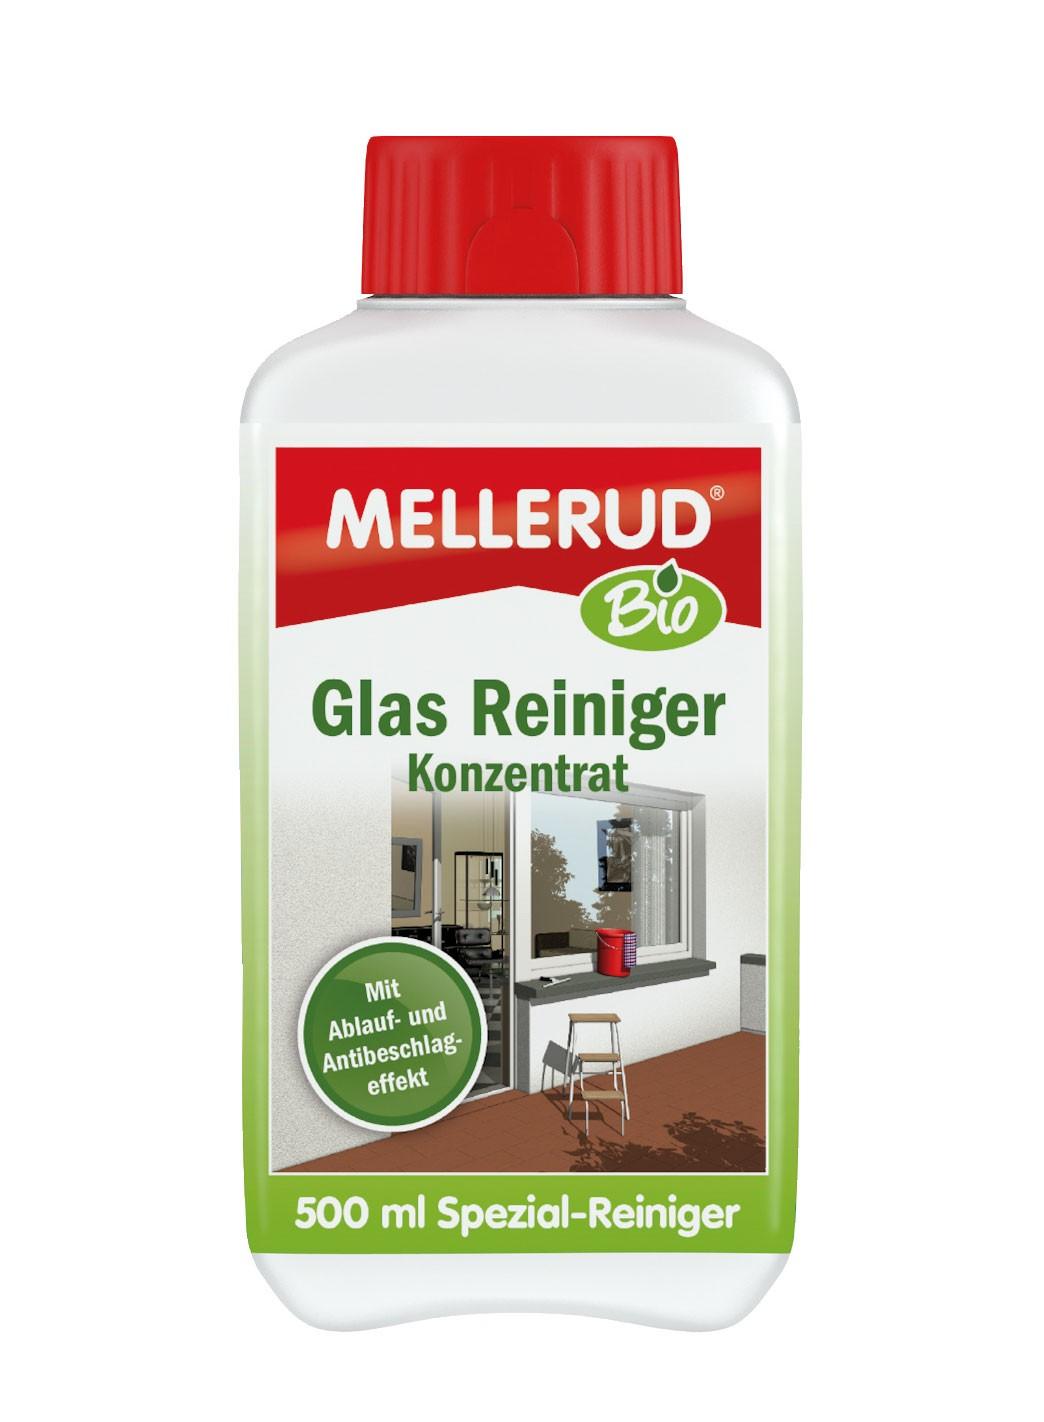 MELLERUD BIO Glas Reiniger Konzentrat 0,5 Liter Bild 1